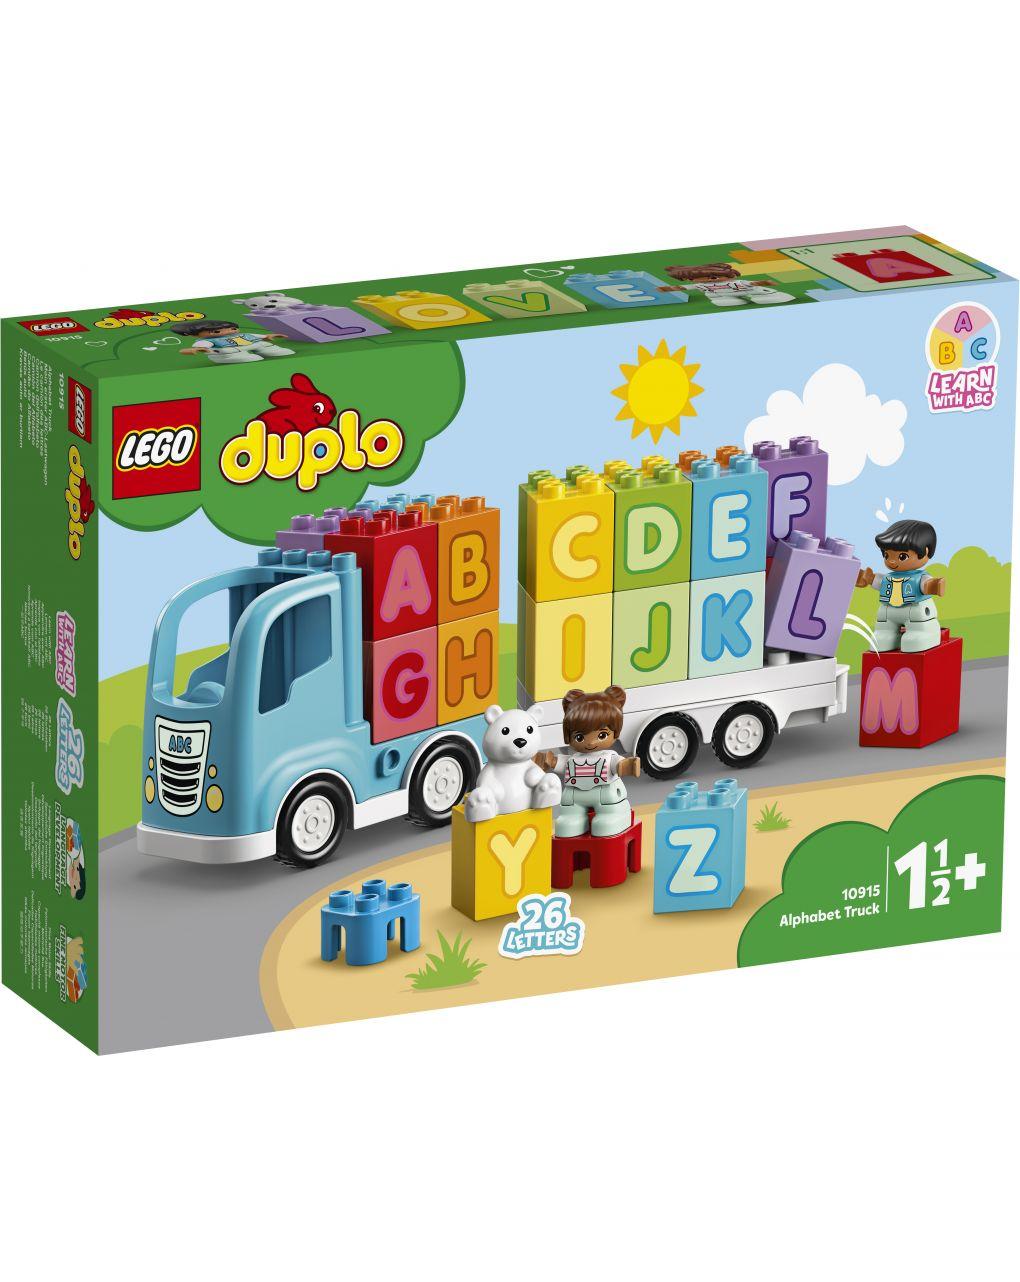 Duplo - camion dell'alfabeto - 10915 - LEGO Duplo